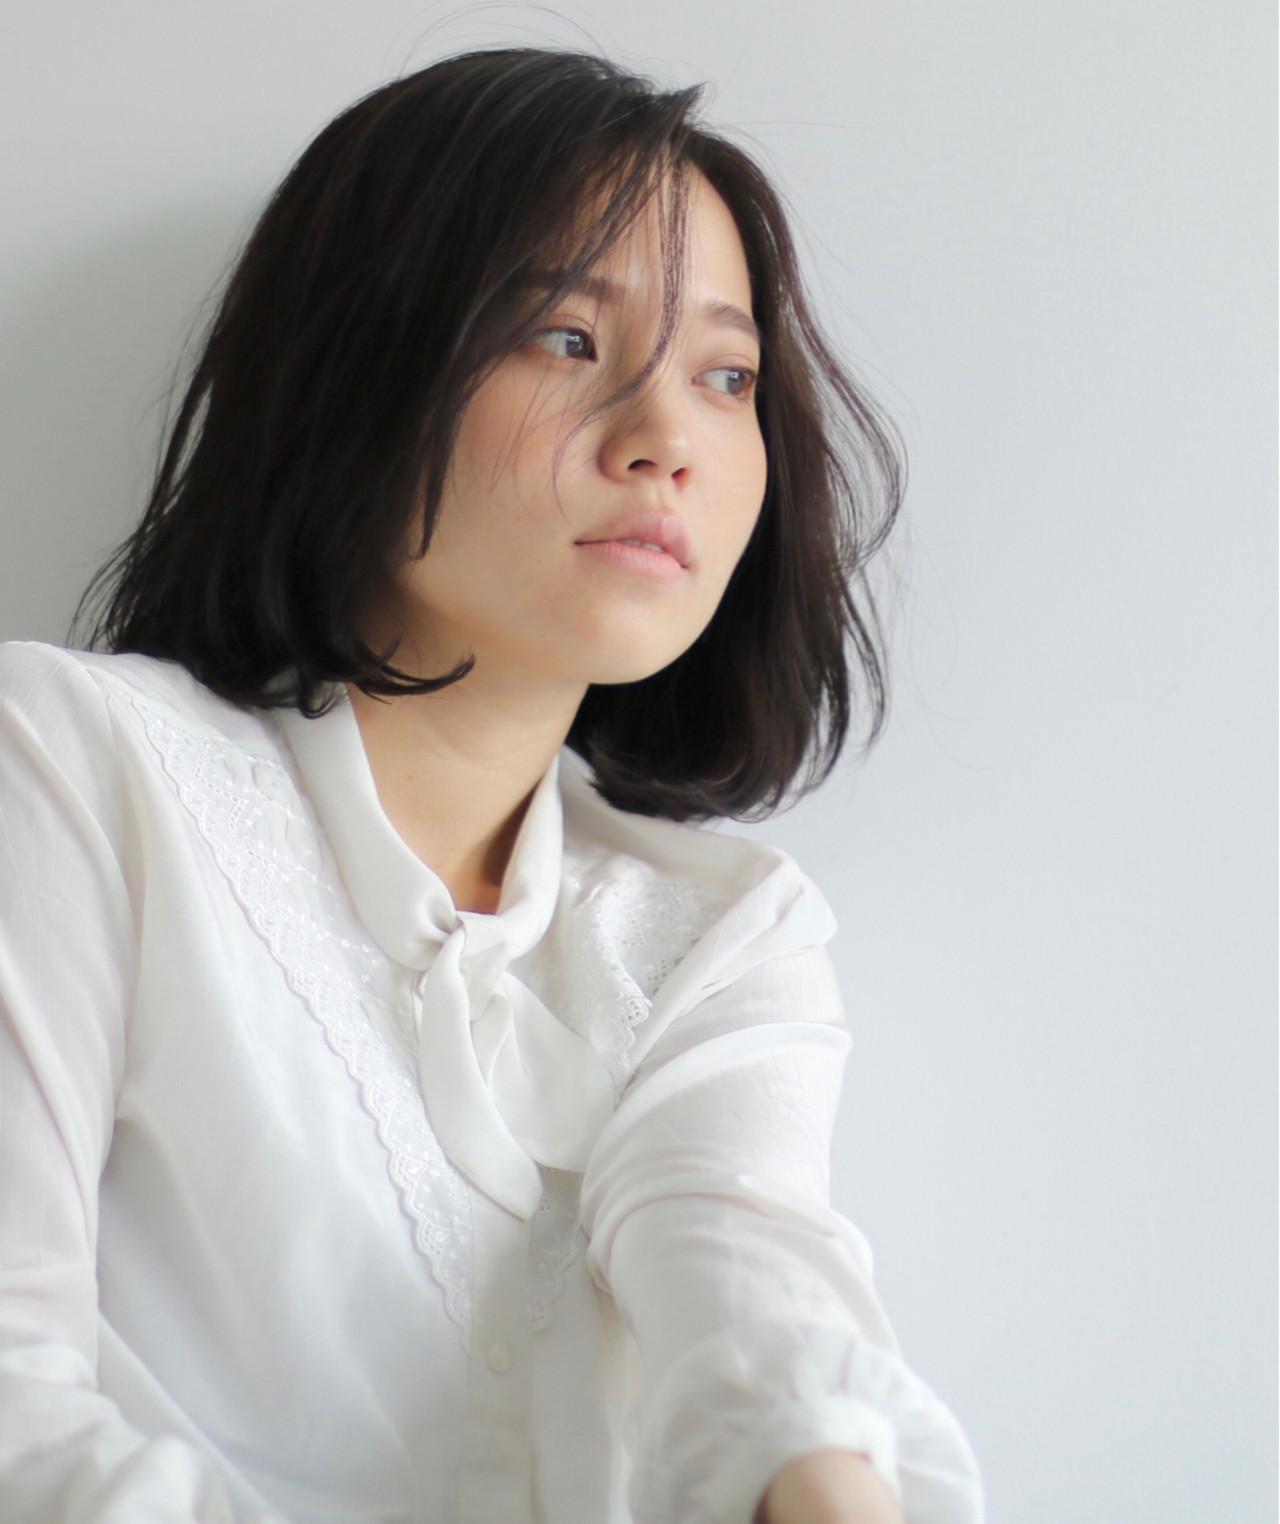 フリンジバング ミディアム 黒髪 ナチュラル ヘアスタイルや髪型の写真・画像